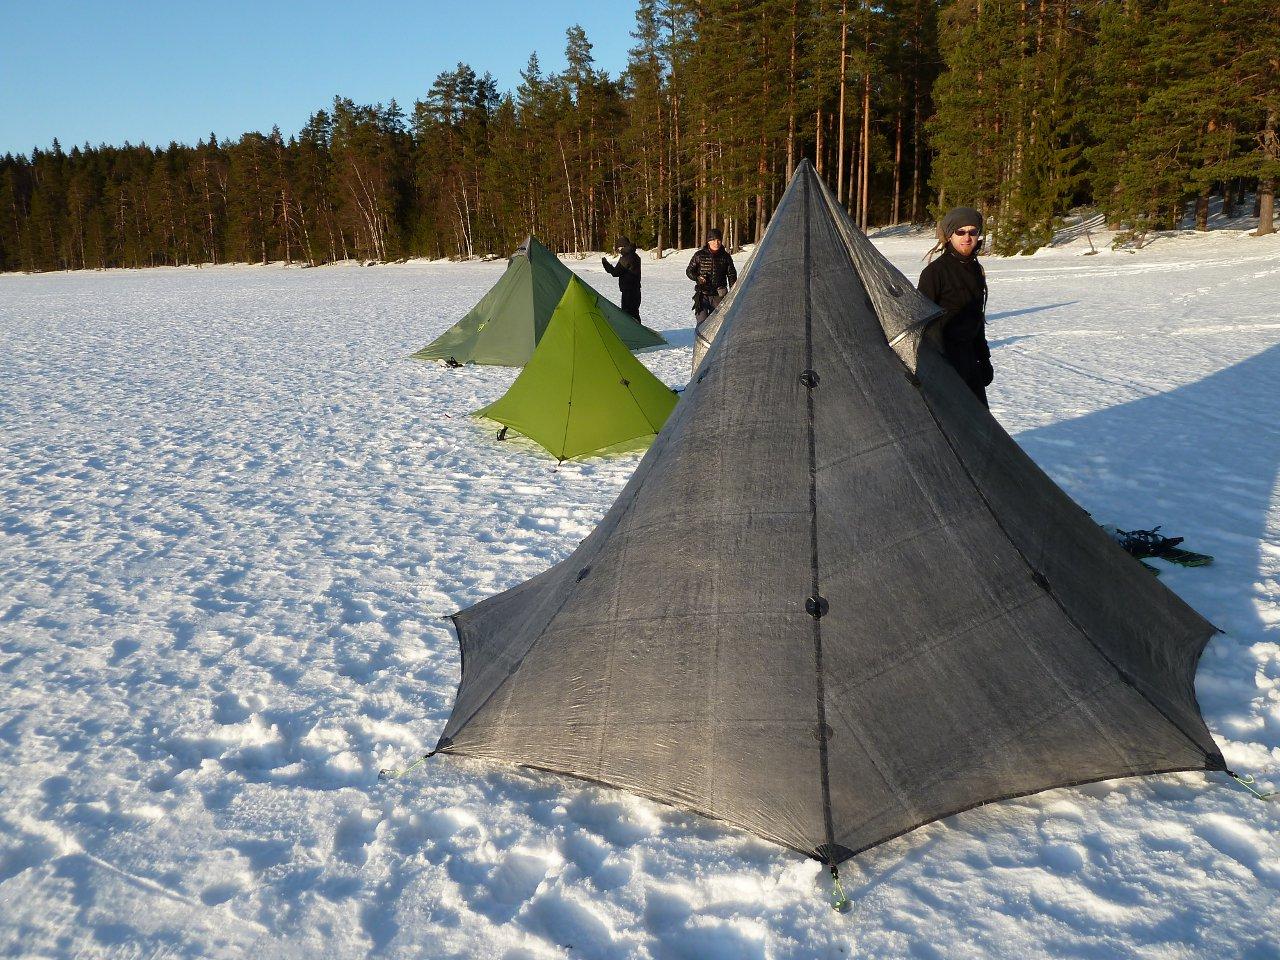 zelten im winter   outdoor blog, Hause ideen